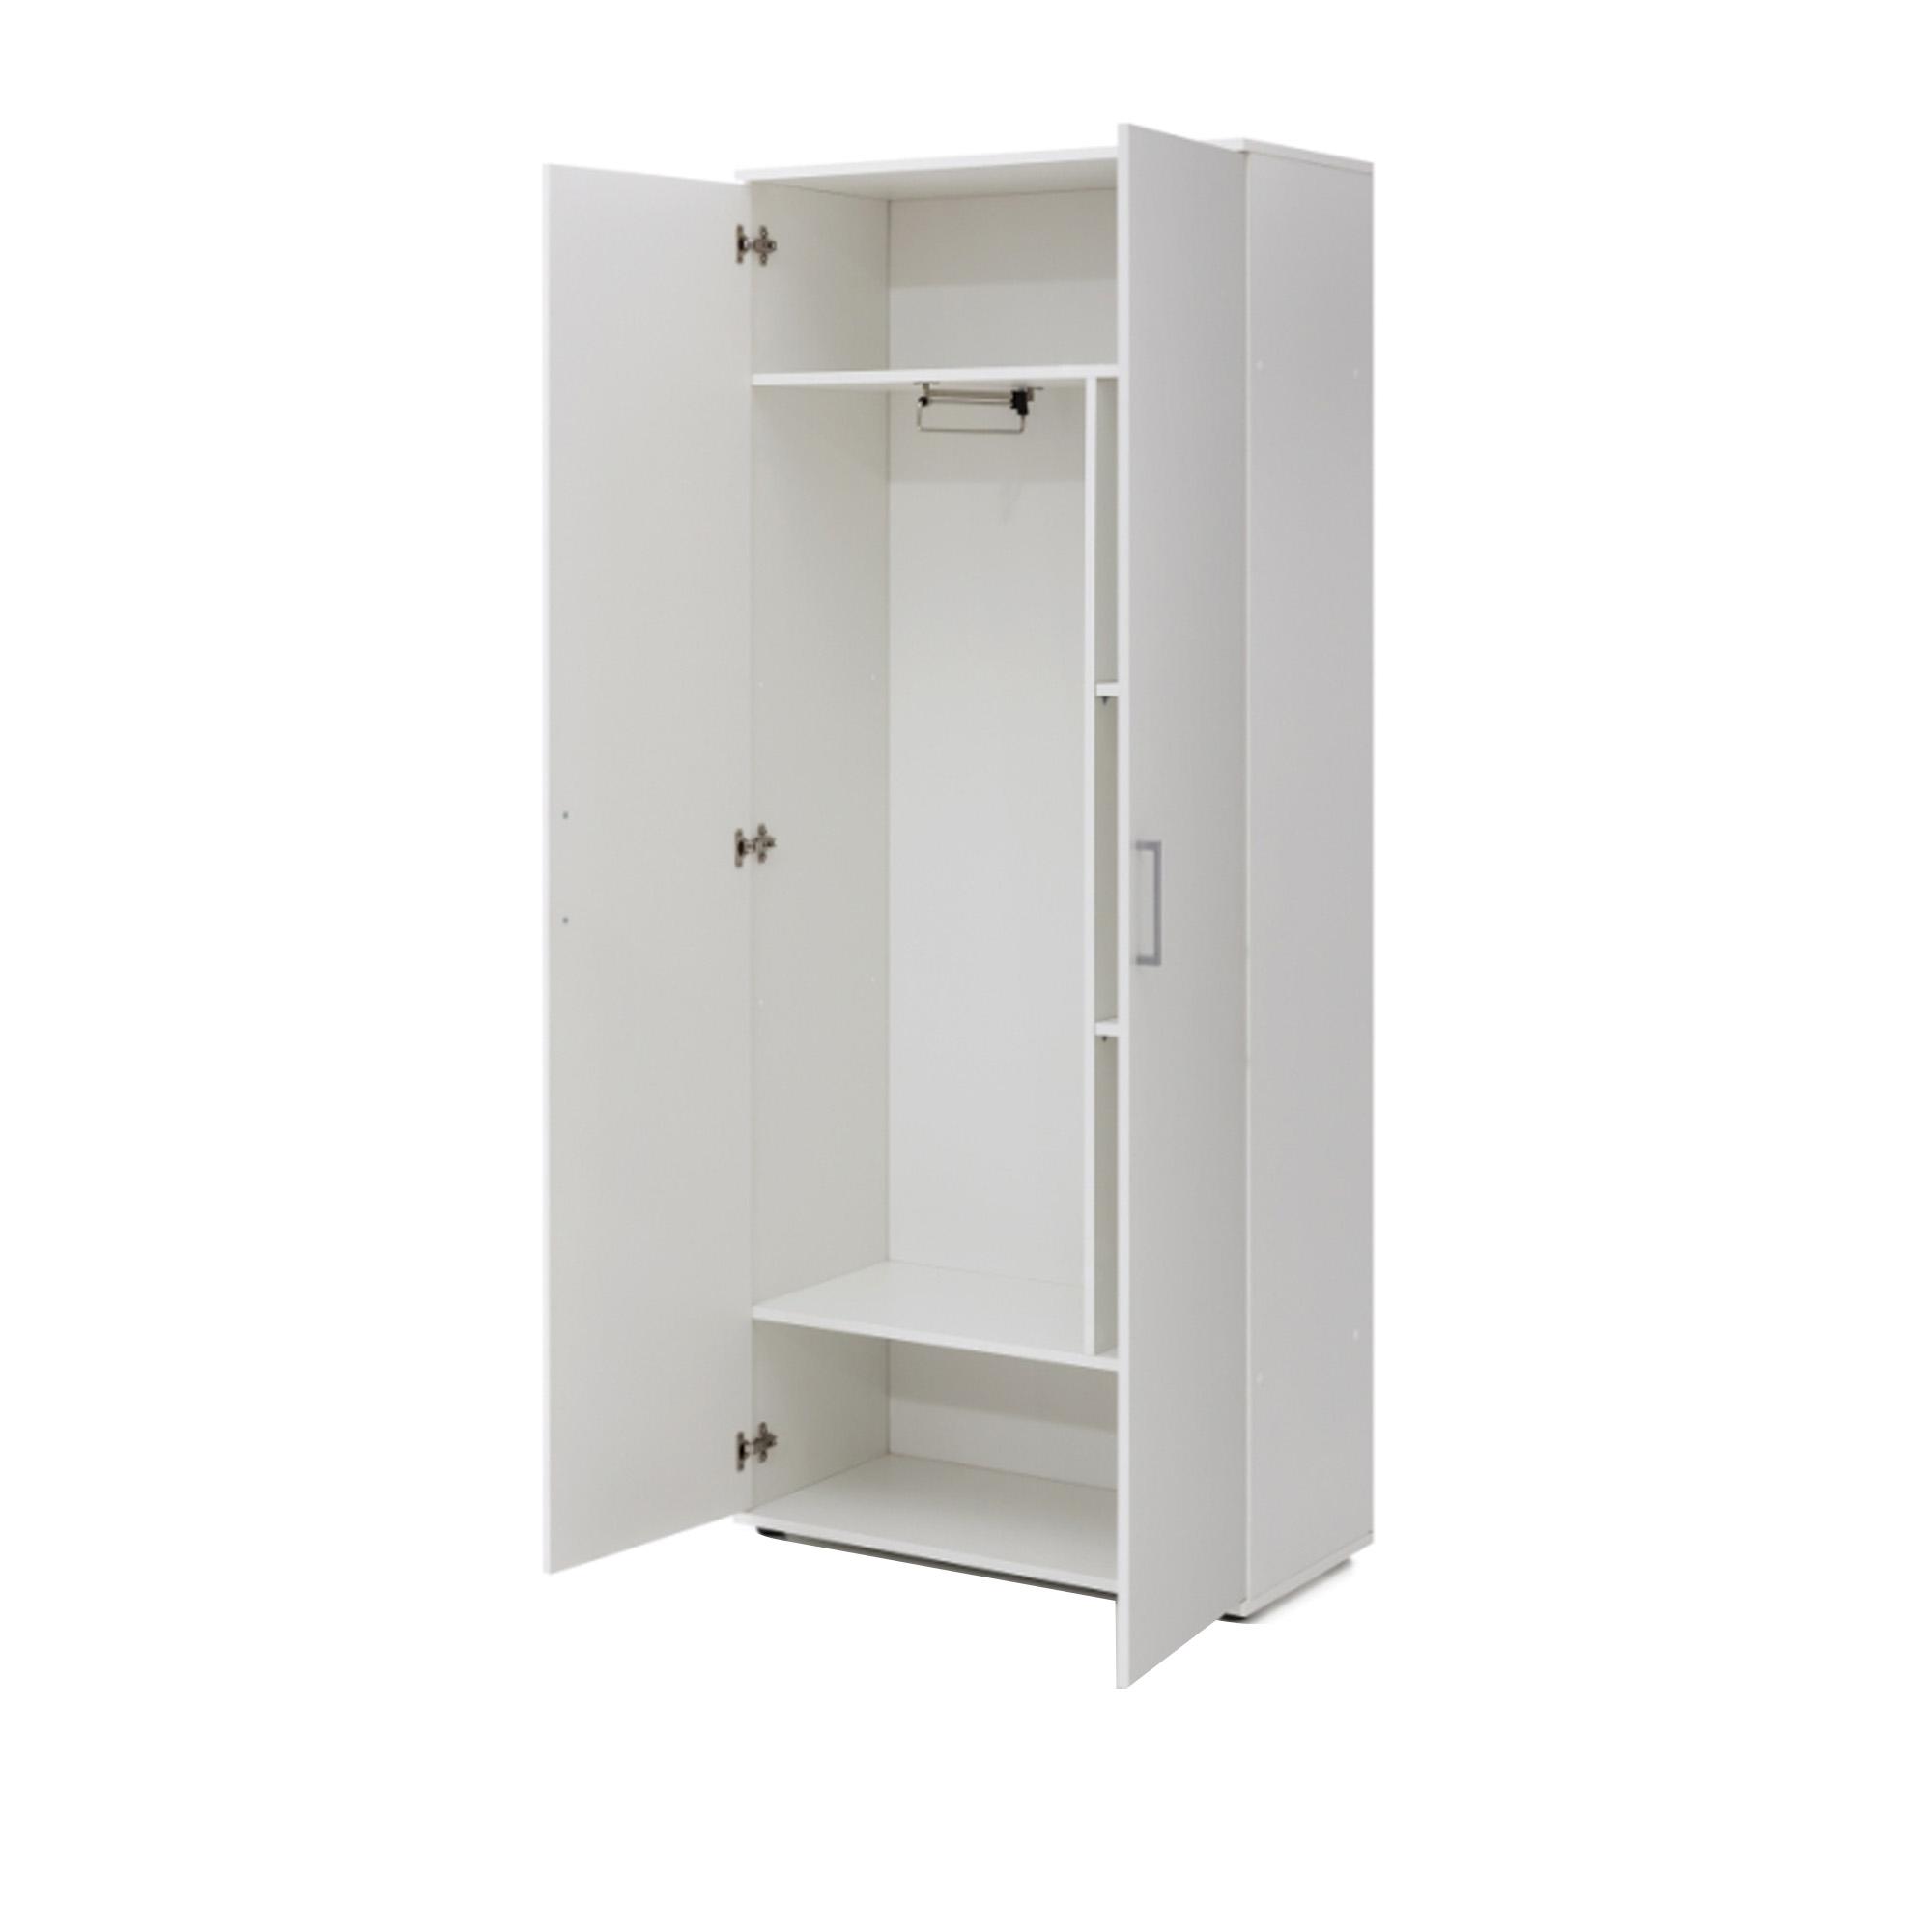 Garderobenschrank Ronny Mehrzweckschrank System 80 Cm Breit